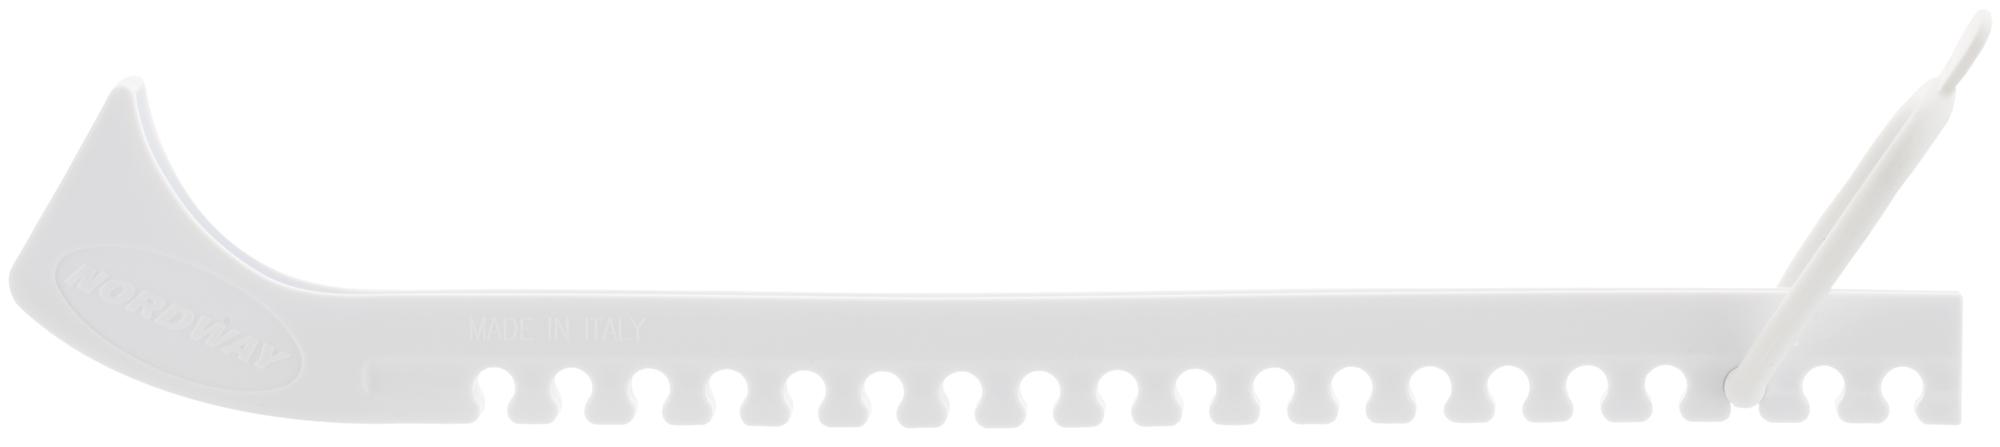 Nordway Чехлы для лезвий коньков